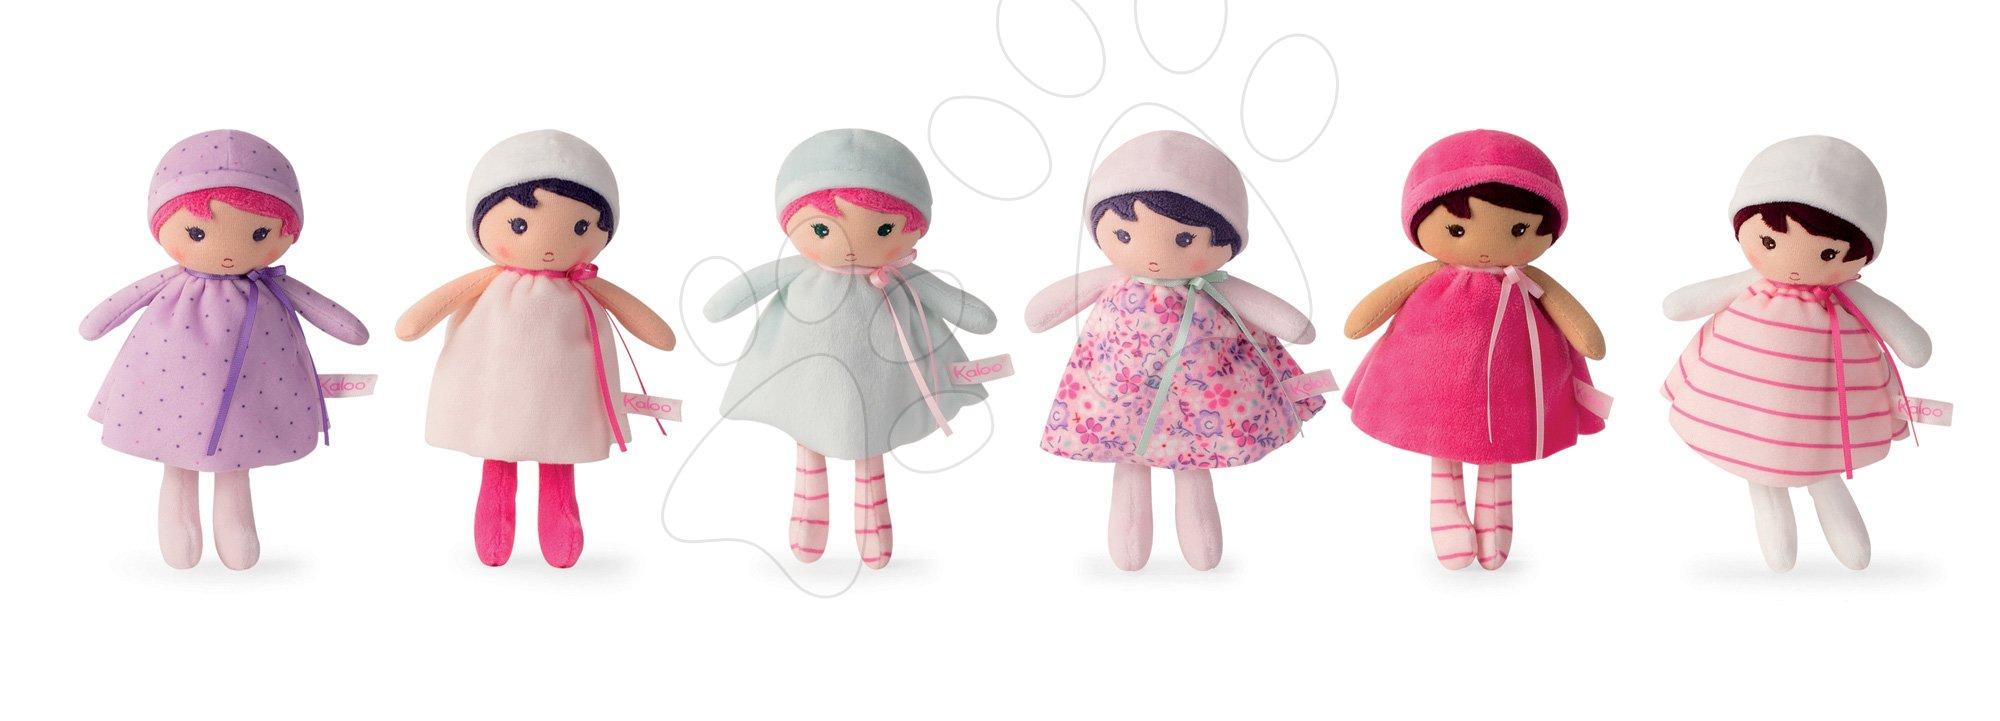 Hadrové panenky - Set panenky pro miminka K Tendresse Kaloo 6 druhů (6 kusů) s výškou 18 cm od 0 měsíců